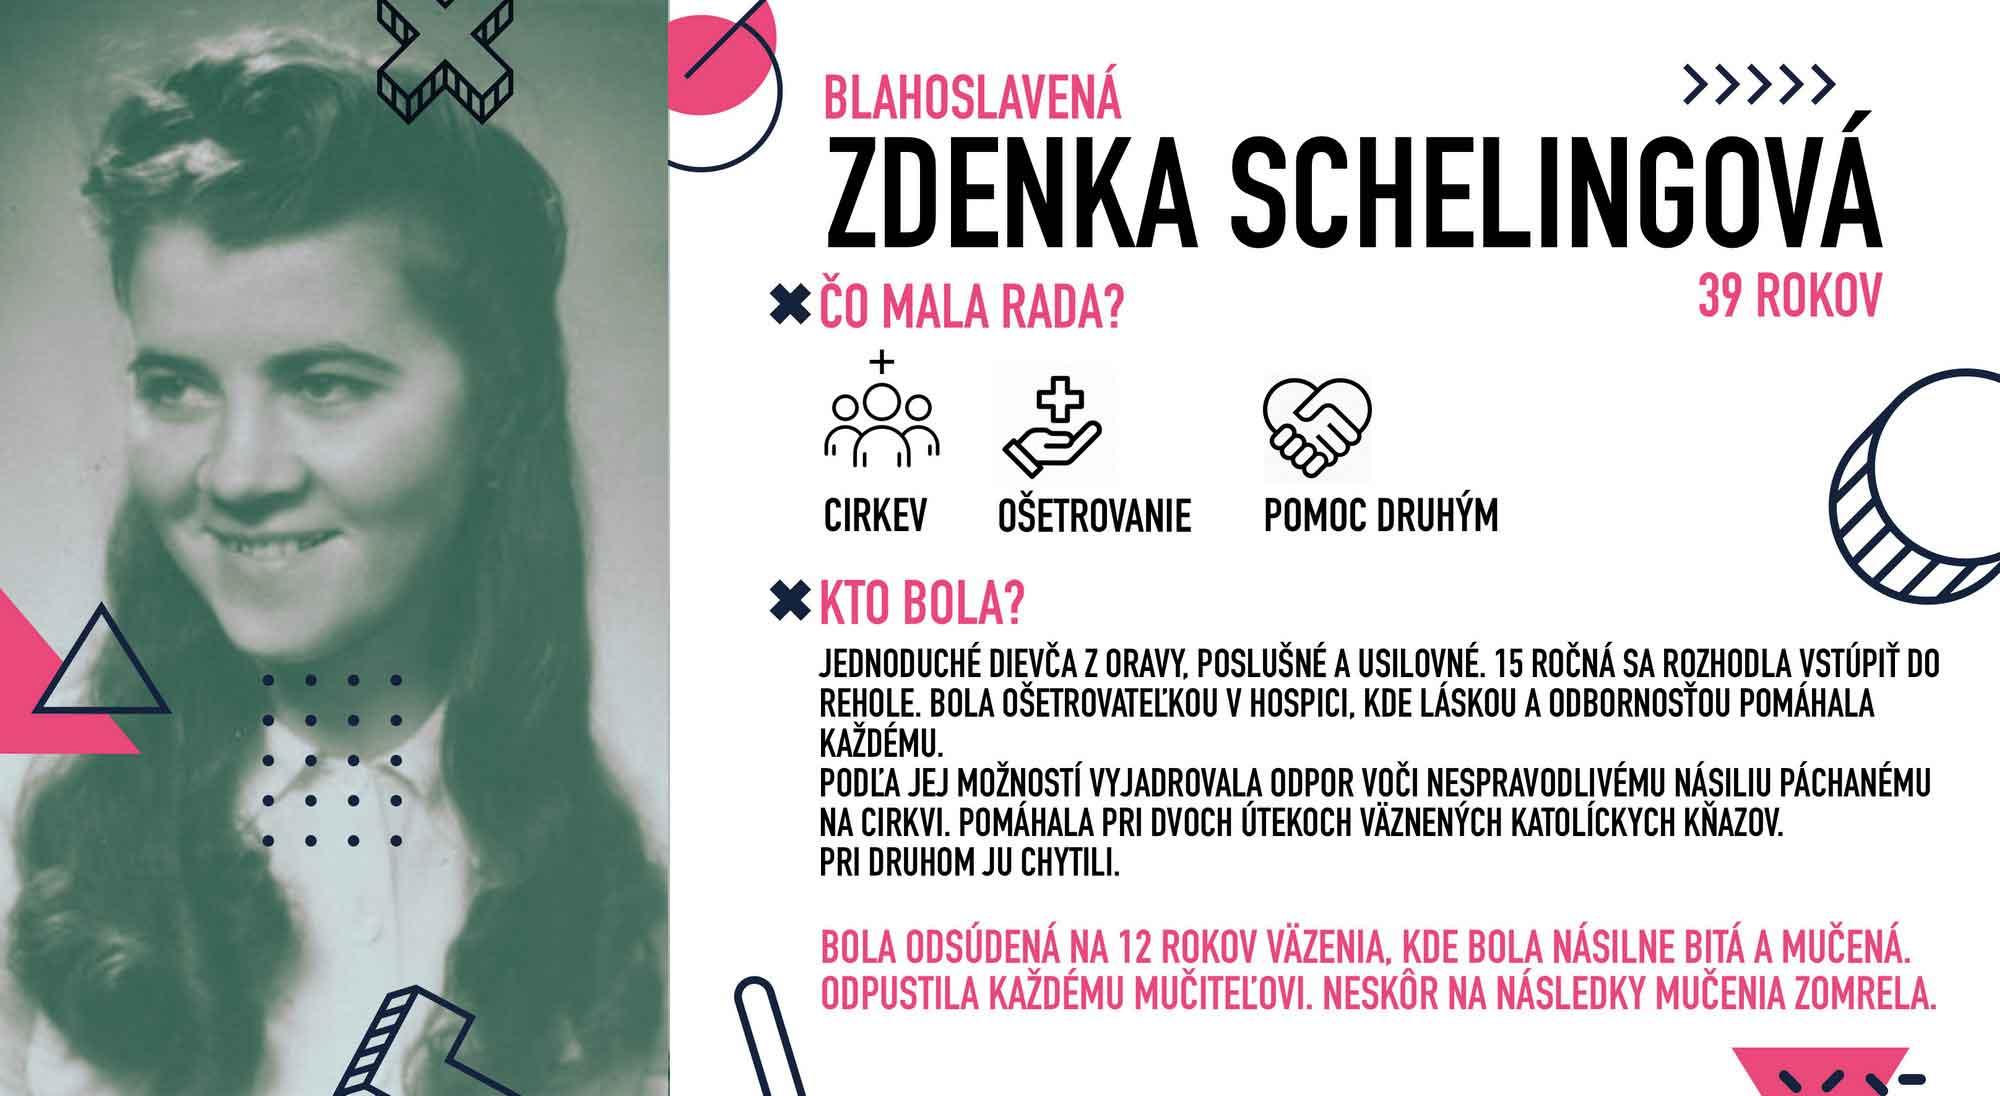 Zdenka-Schelingová